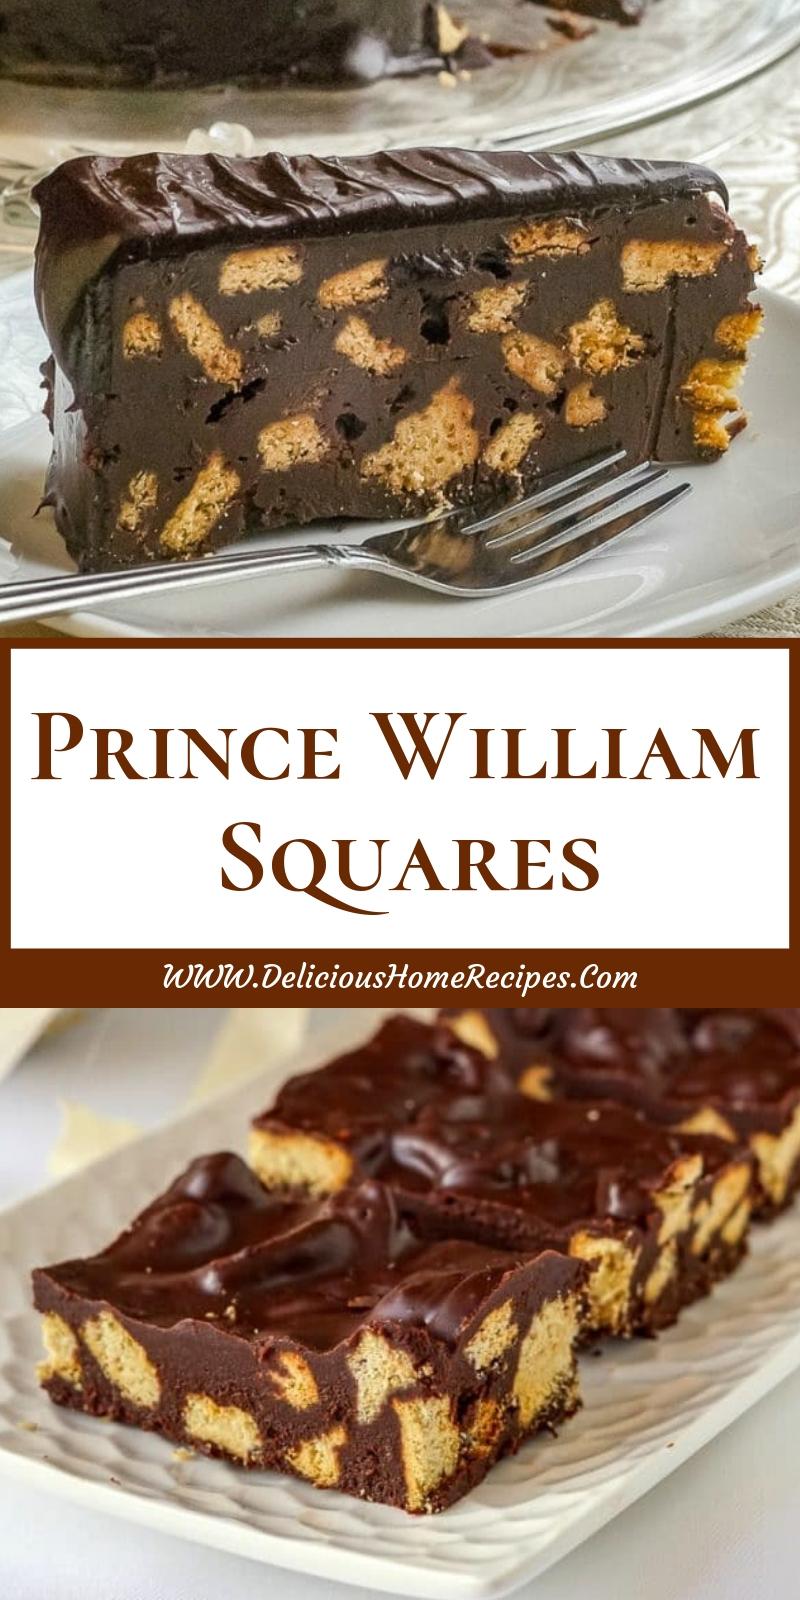 Prince William Squares